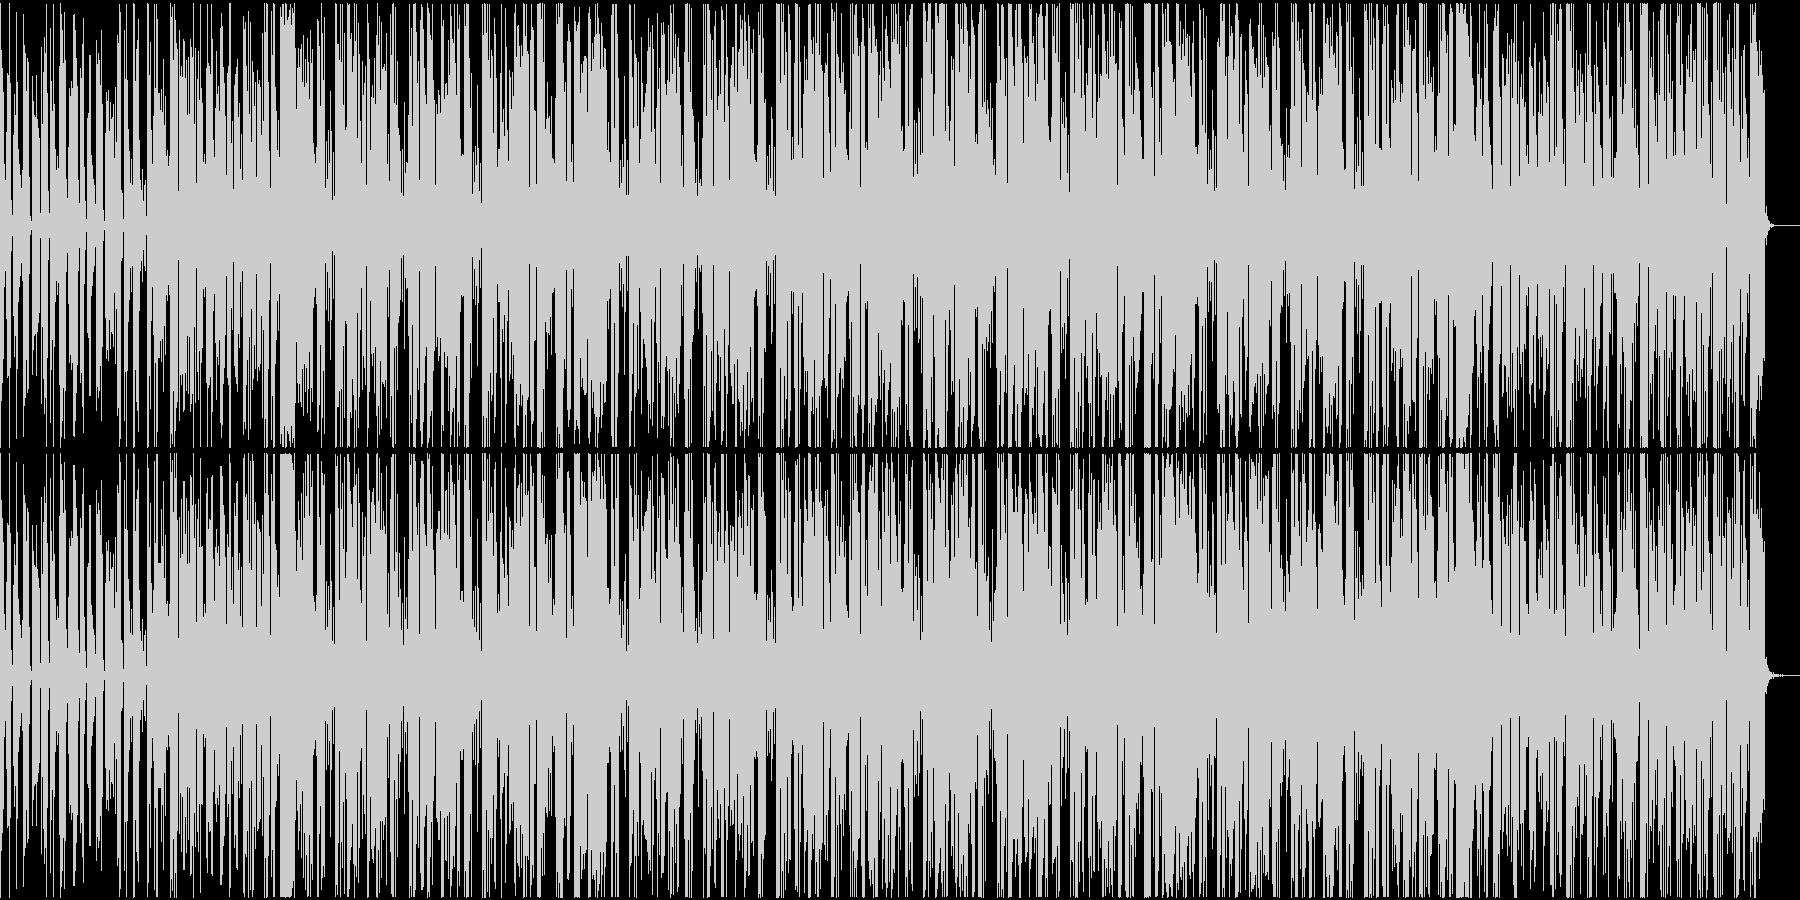 シンセを用いた淡白なテクノ楽曲の未再生の波形